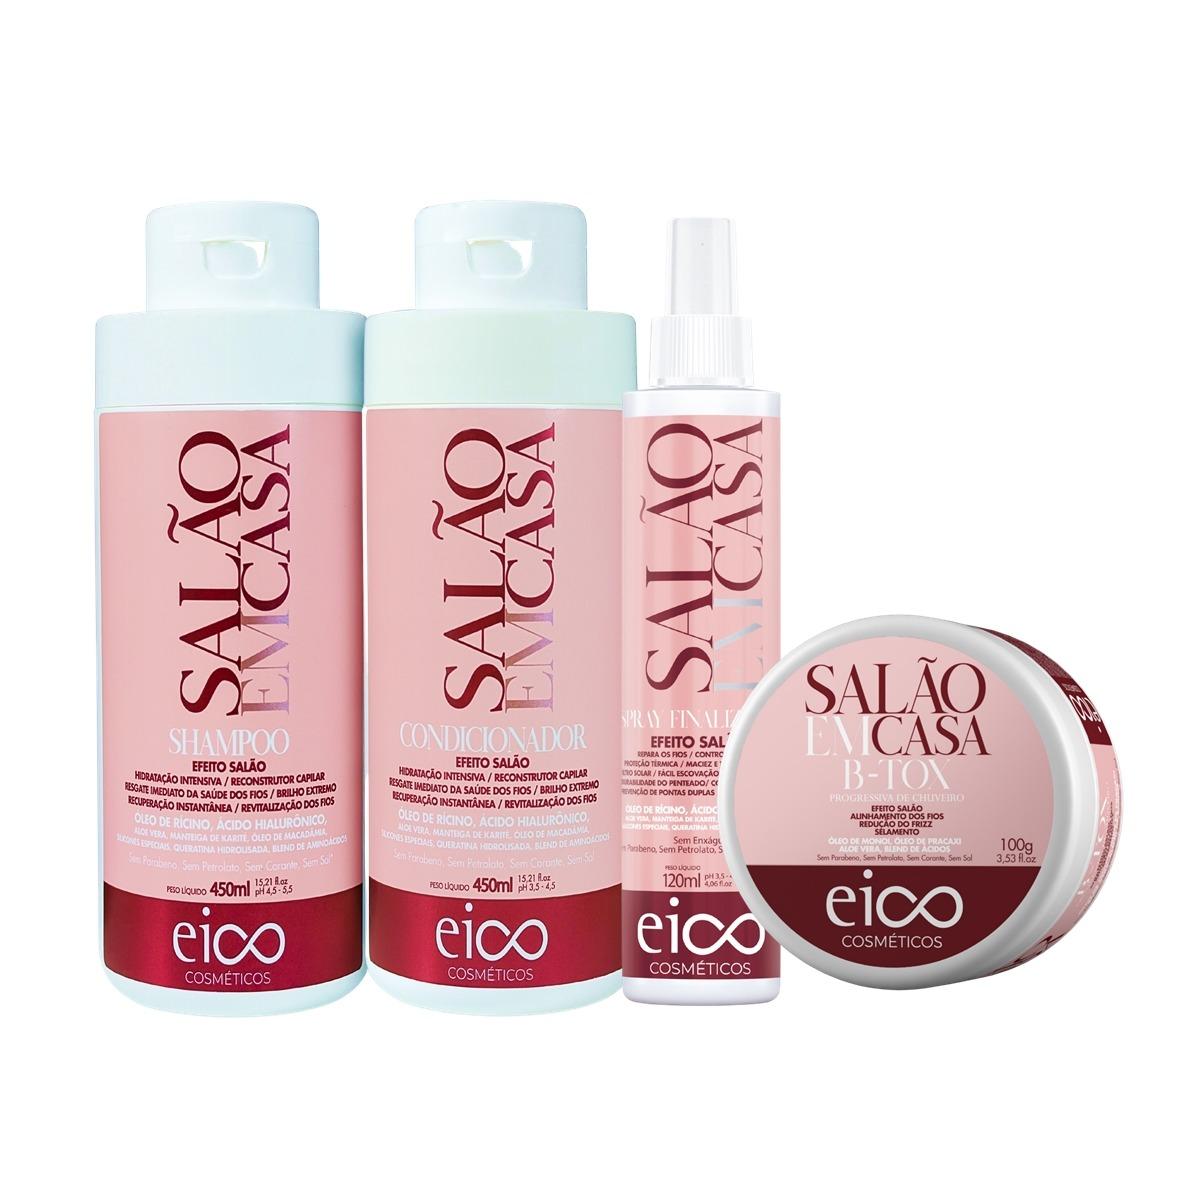 Eico Salão em Casa Kit Shampoo + Condicionador 450ml + Spray + Btx